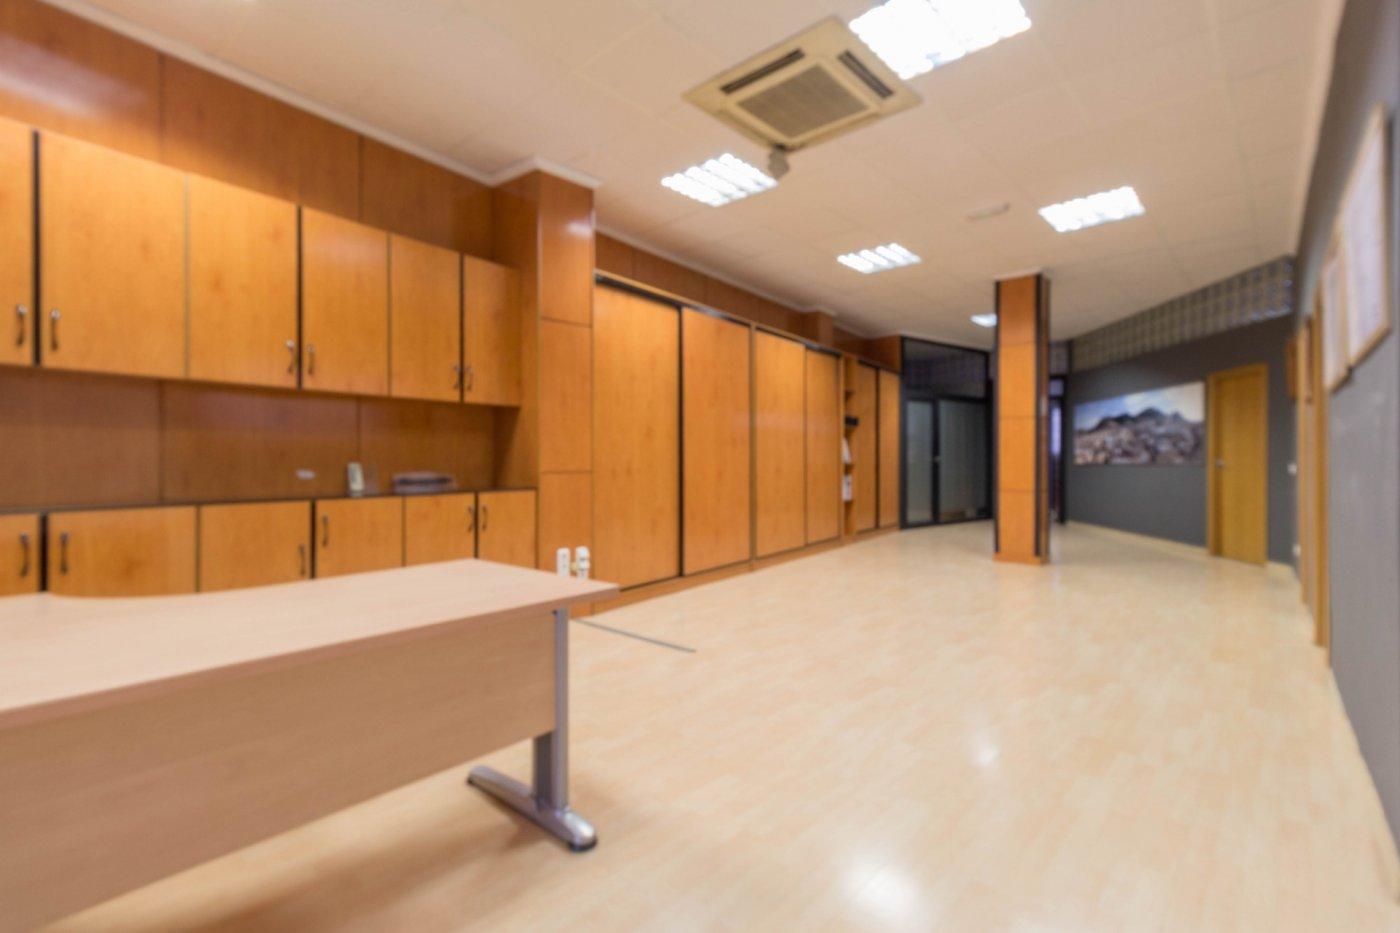 Oficina en alquiler en XATIVA, Xativa